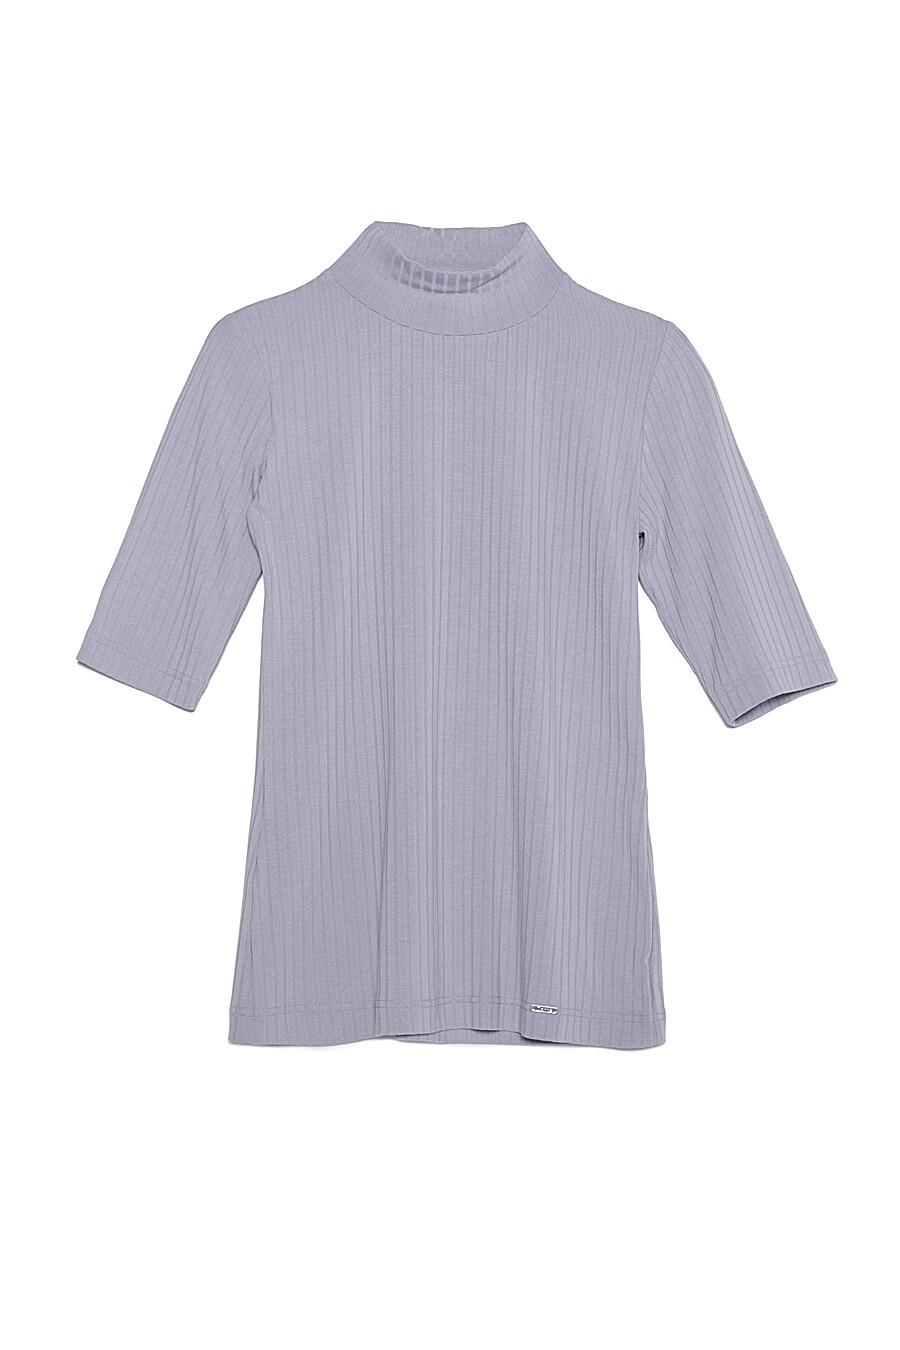 Топ для женщин CONTE ELEGANT 148335 купить оптом от производителя. Совместная покупка женской одежды в OptMoyo